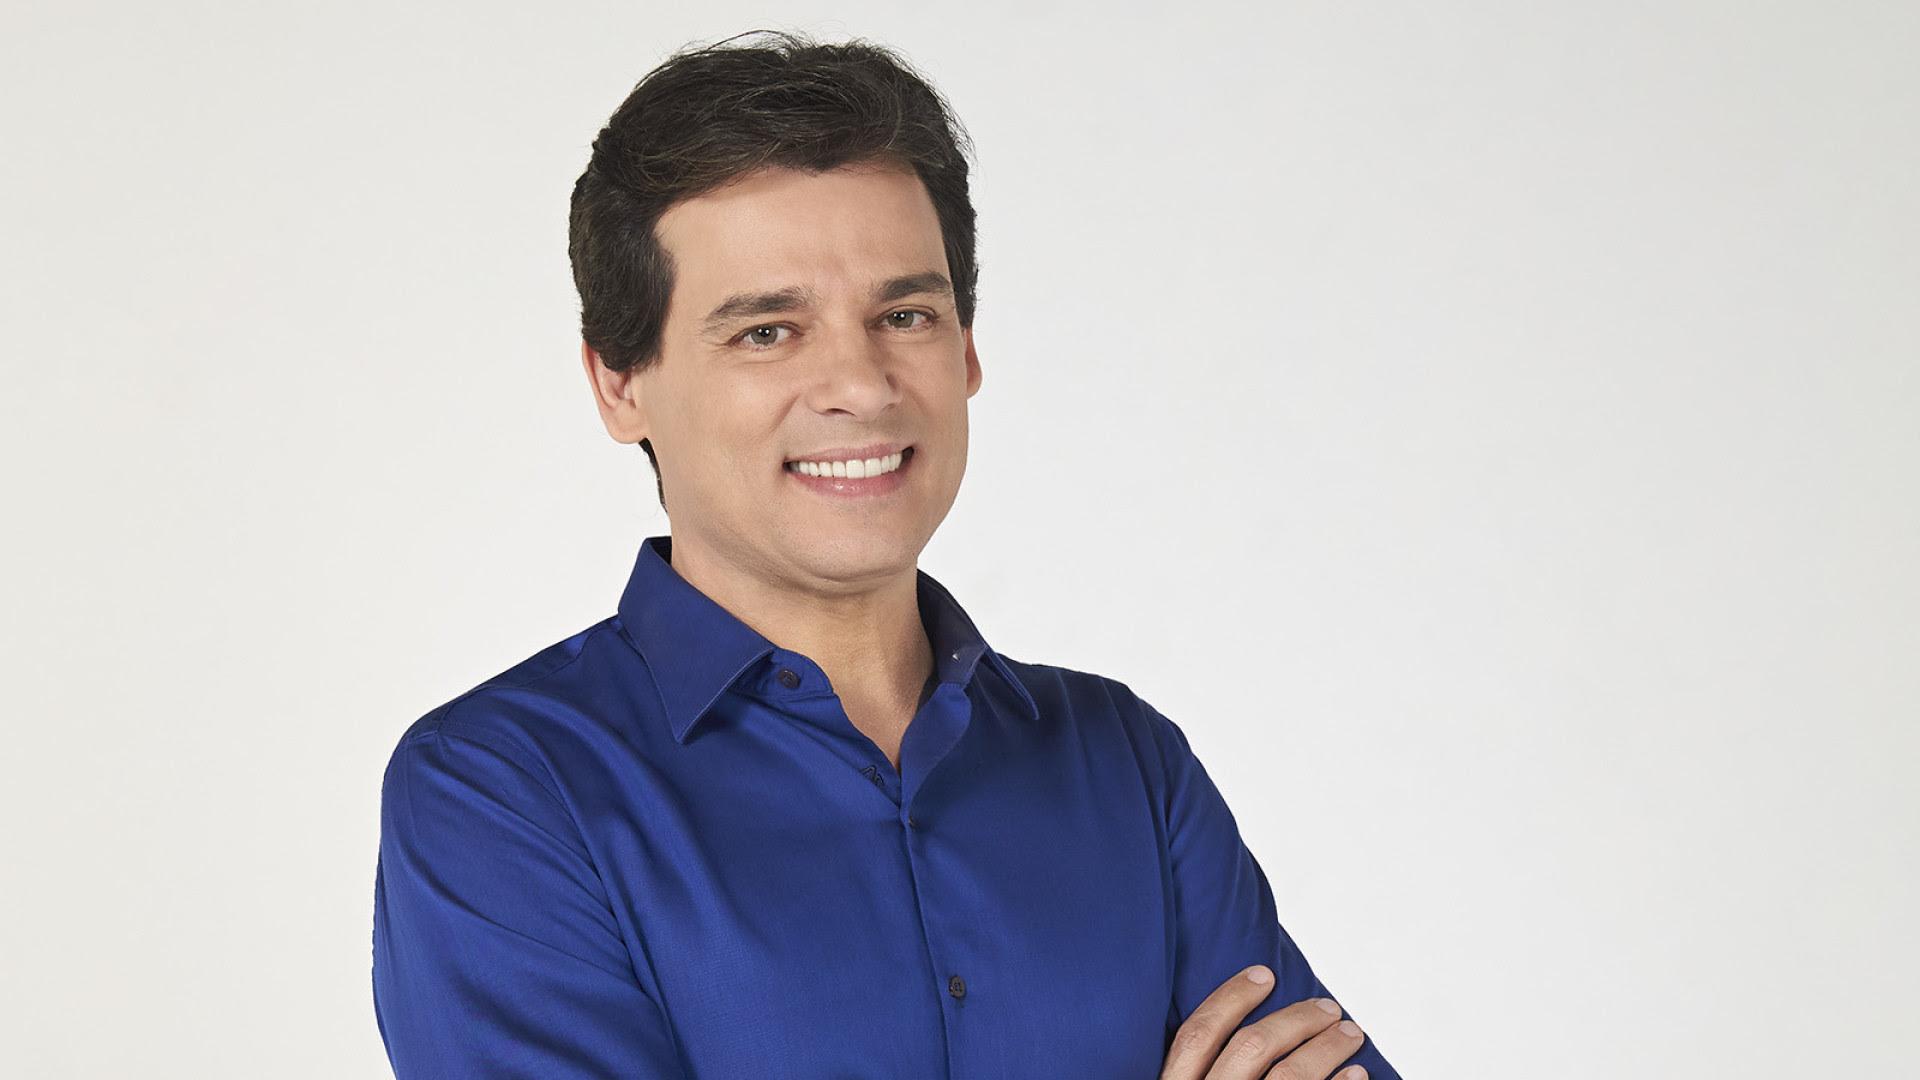 Celso Portiolli faz brincadeira e é 'barrado' ao tentar entrar na Globo